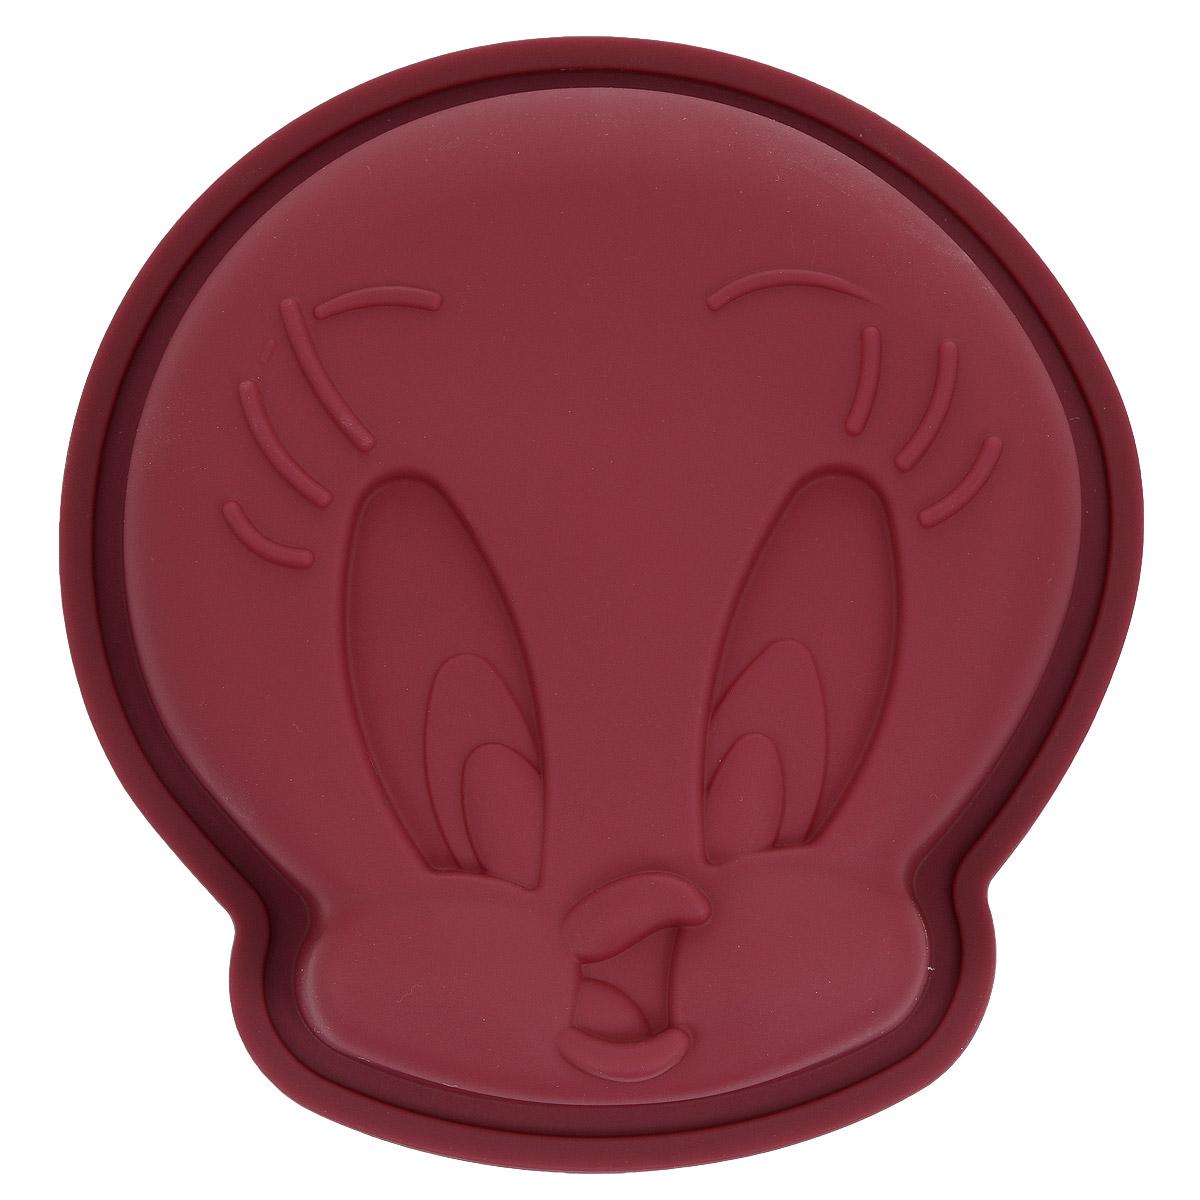 Форма для выпечки Bekker Цыпленок, силиконовая, цвет: бордовыйBK-9445Форма для выпечки Bekker Цыпленок изготовлена из силикона. Силиконовые формы для выпечки имеют много преимуществ по сравнению с традиционными металлическими формами и противнями. Они идеально подходят для использования в микроволновых, газовых и электрических печах при температурах до +250°С. В случае заморозки до -50°С. Можно мыть в посудомоечной машине. За счет высокой теплопроводности силикона изделия выпекаются заметно быстрее. Благодаря гибкости и антиприлипающим свойствам силикона, готовое изделие легко извлекается из формы. Для этого достаточно отогнуть края и вывернуть форму (выпечке дайте немного остыть, а замороженный продукт лучше вынимать сразу). Силикон абсолютно безвреден для здоровья, не впитывает запахи, не оставляет пятен, легко моется. Форма для выпечки Bekker Цыпленок - практичный и необходимый подарок любой хозяйке!